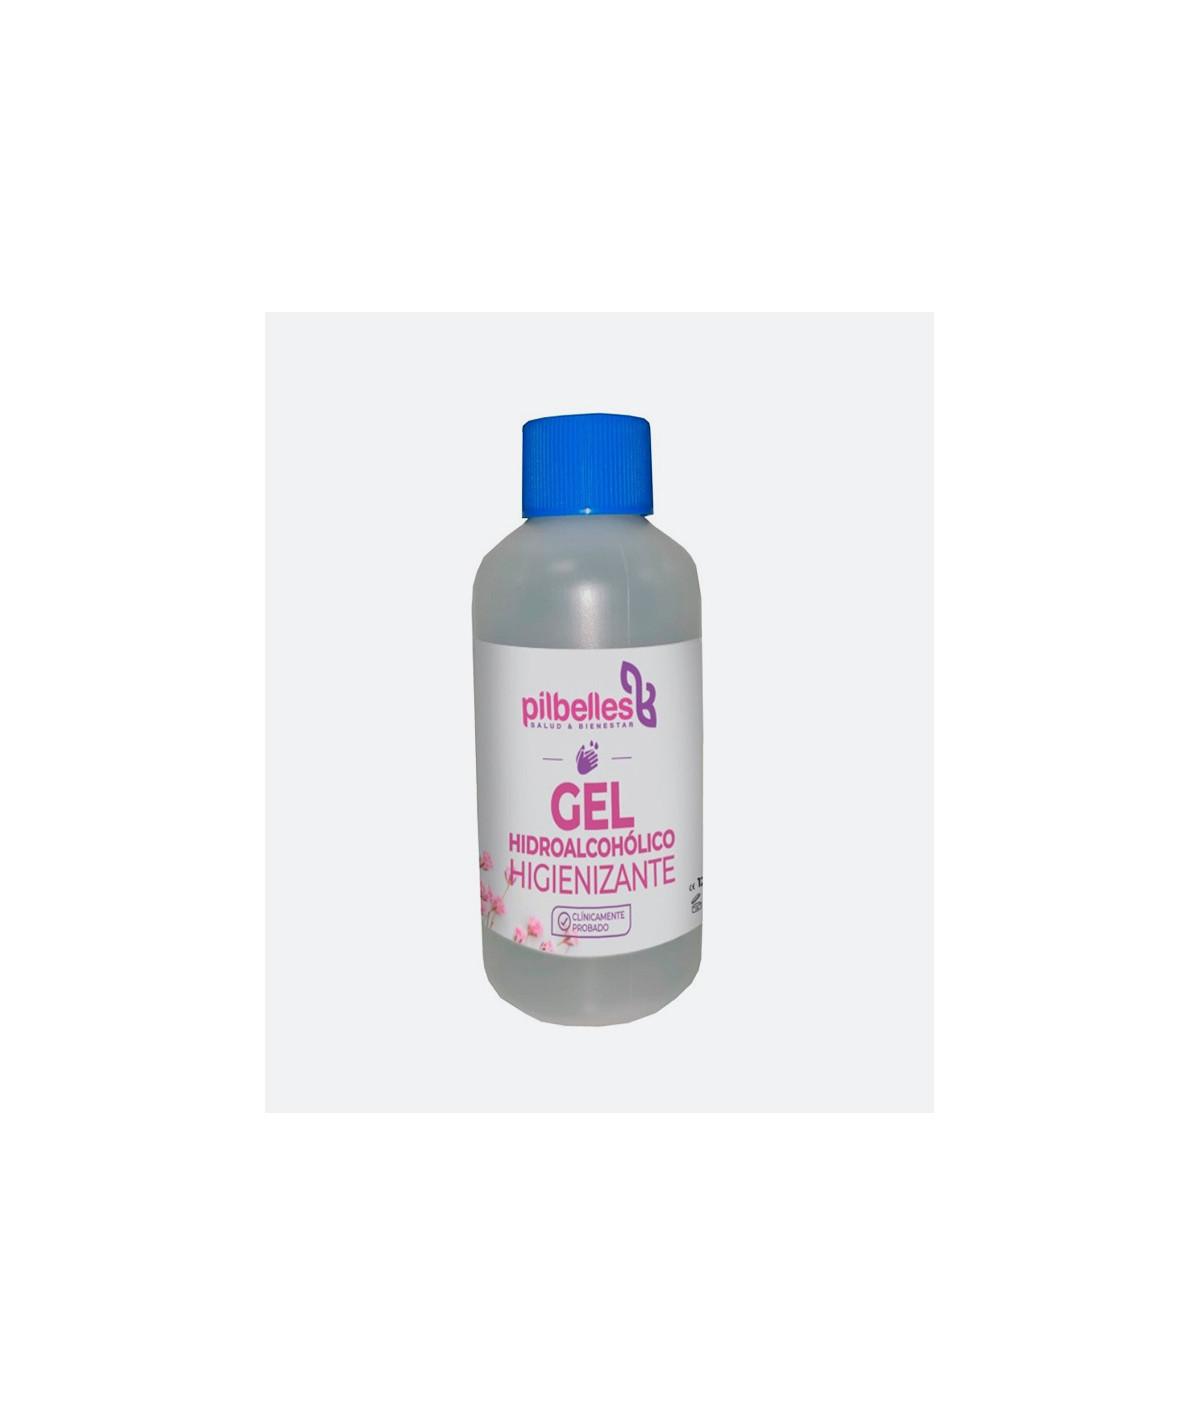 Prox Crema Hidratante Reafirmante Perfeccionadora del Tono